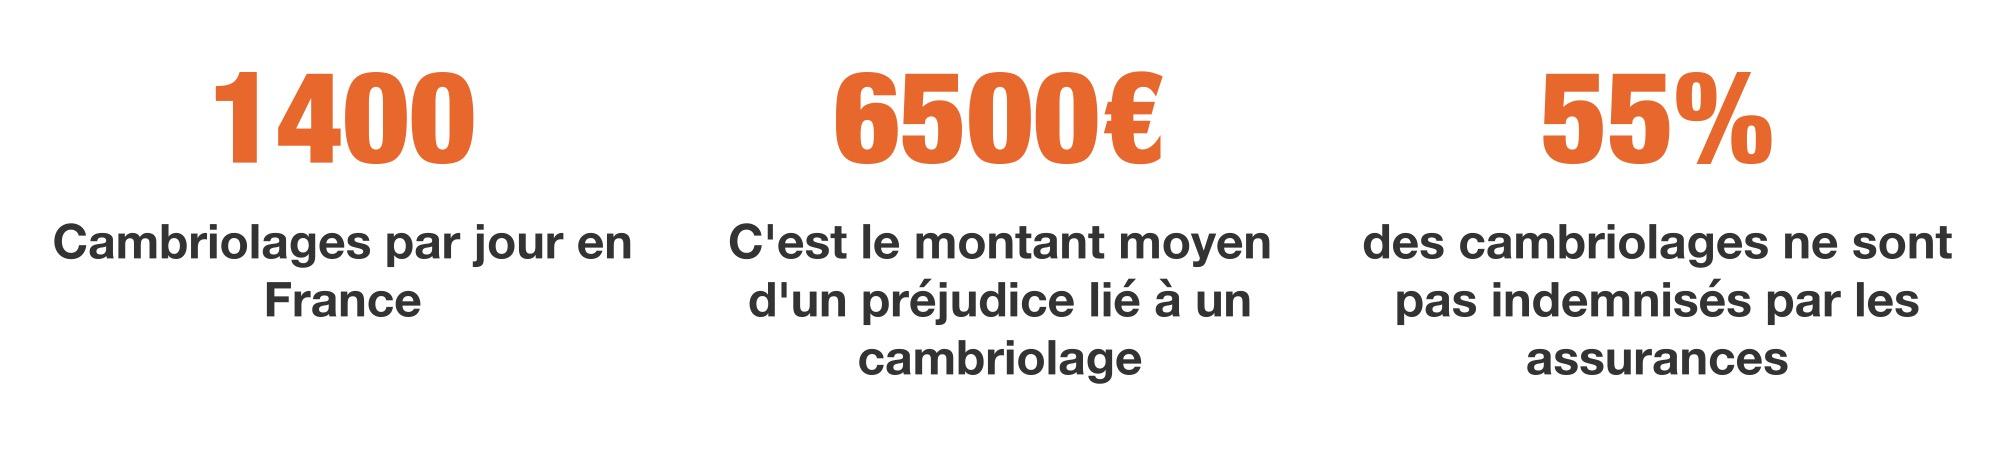 Statistiques des cambriolages en France